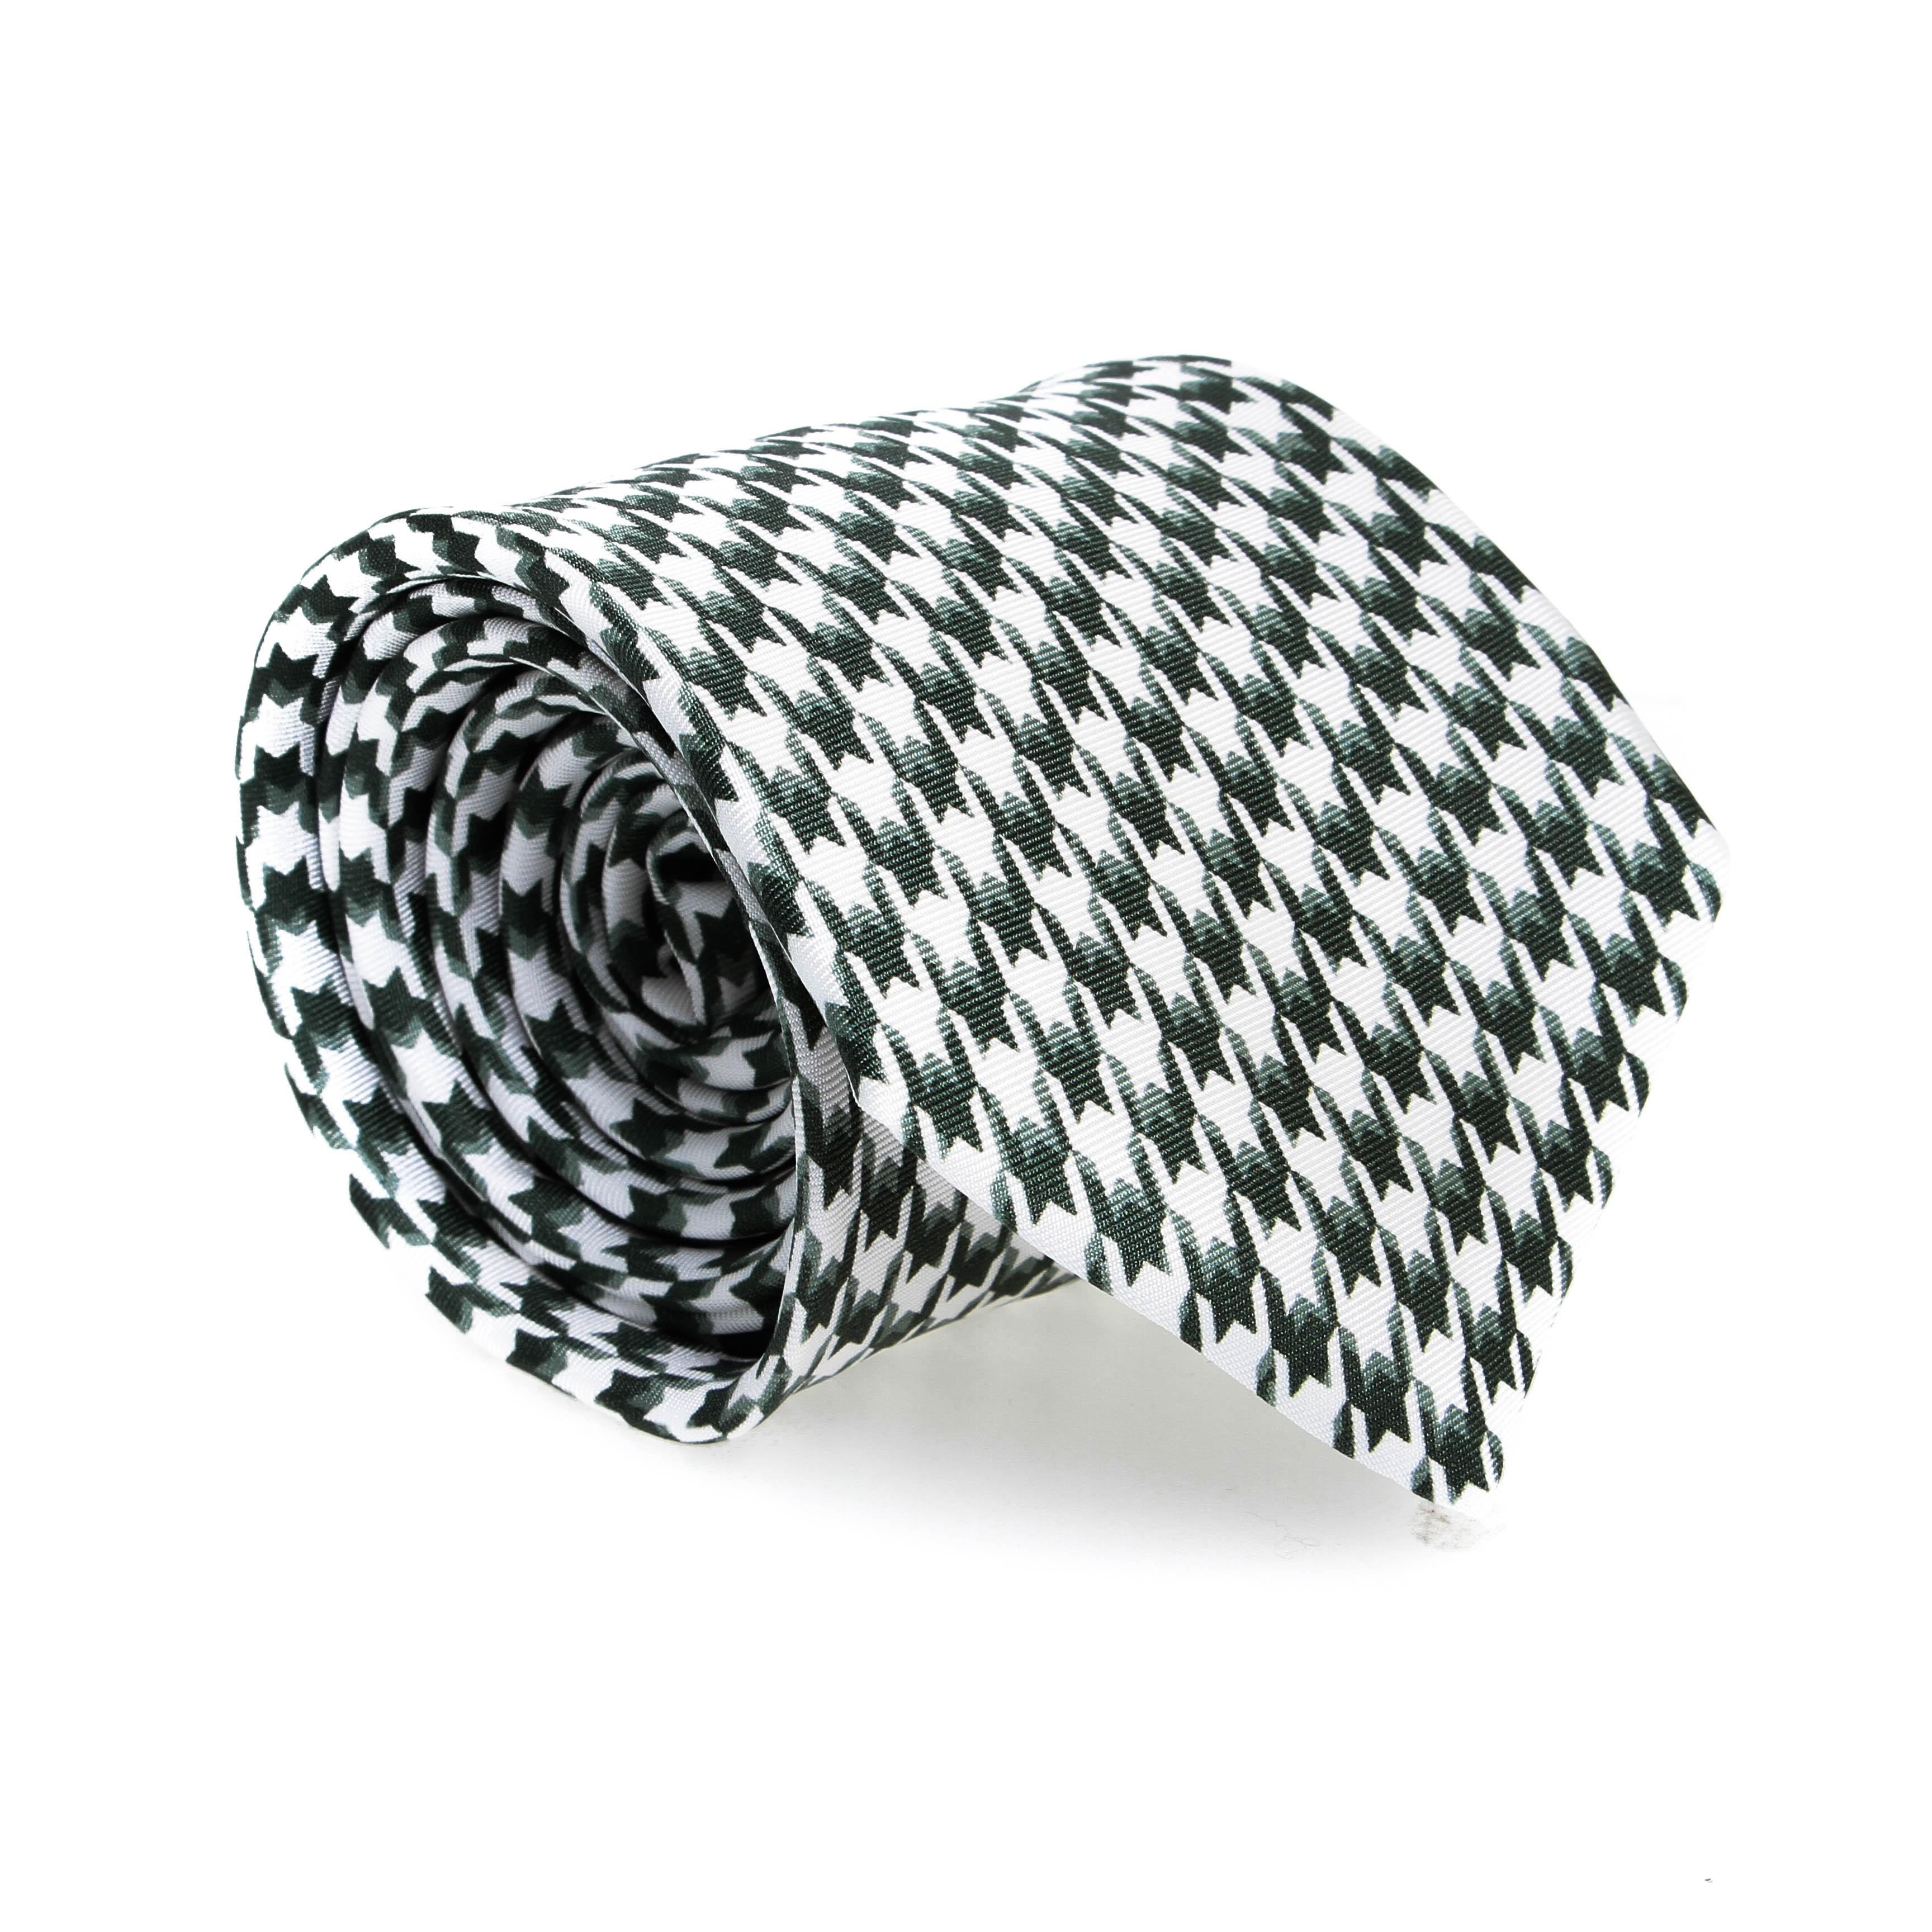 Cravate en soie : Carreaux verts et blancs